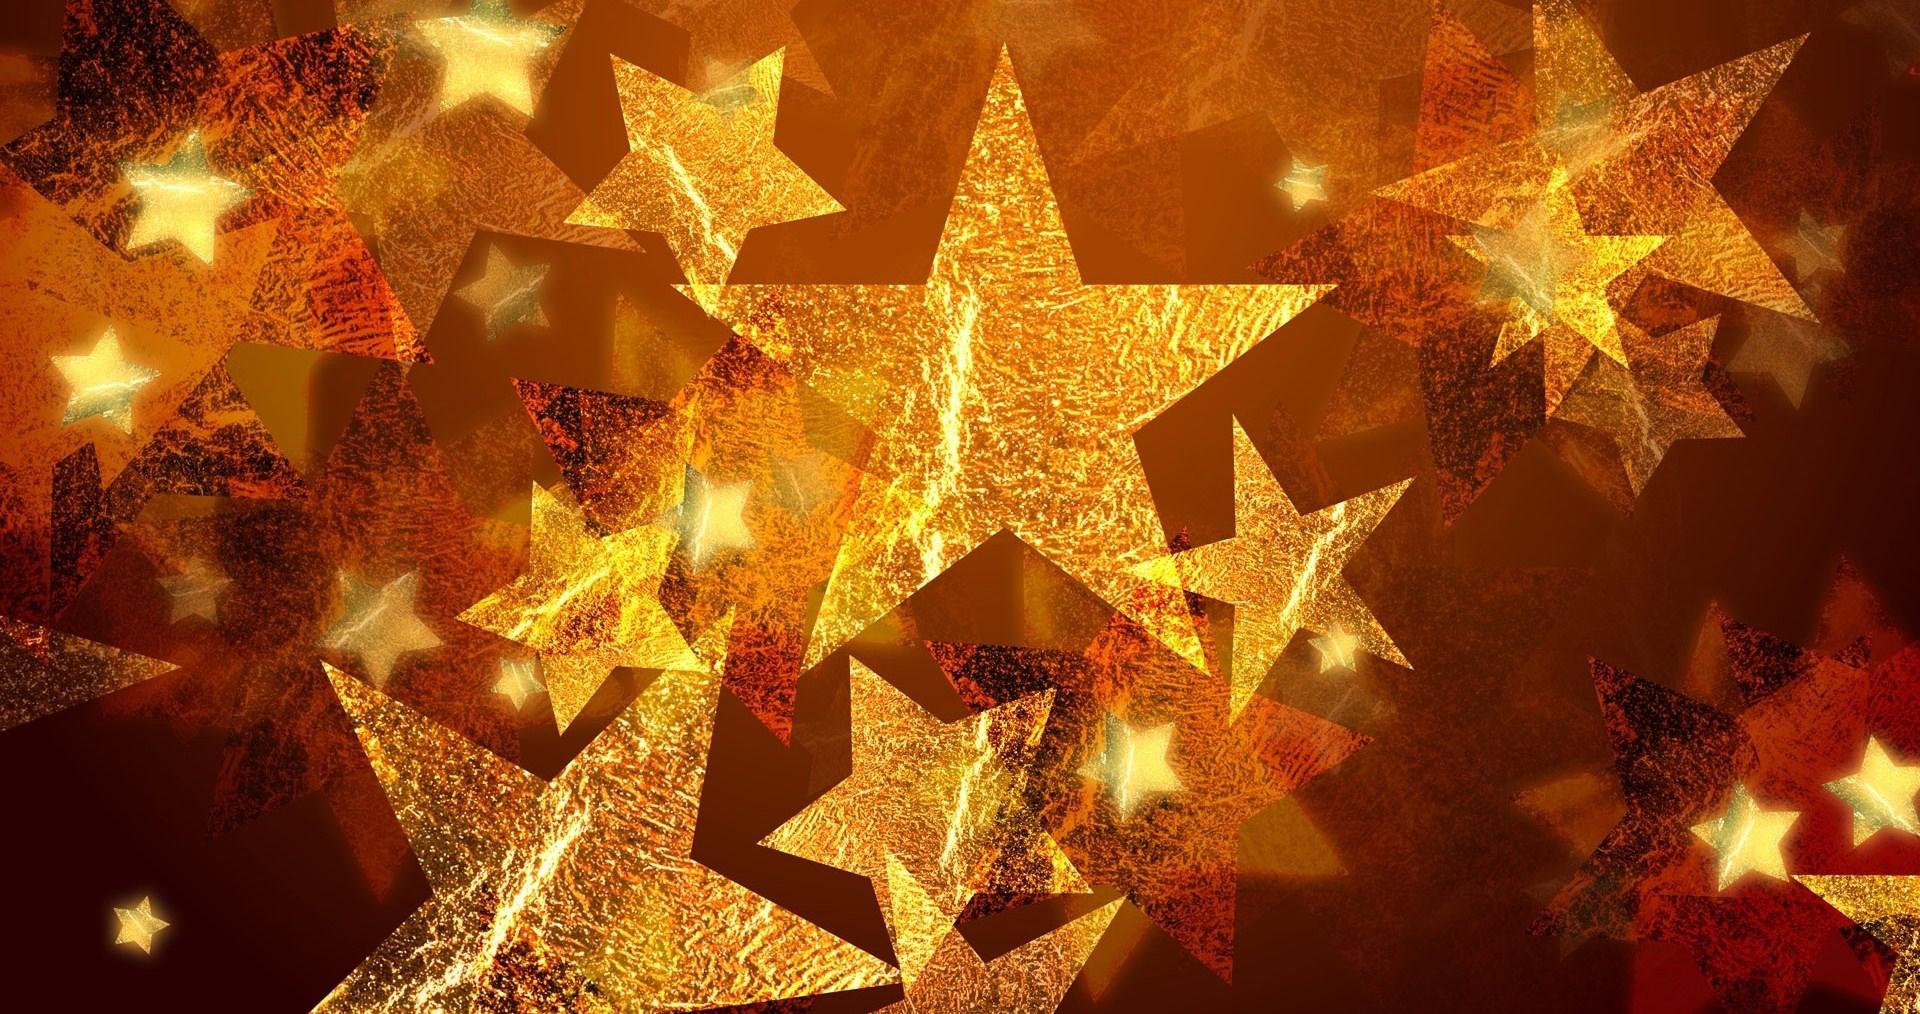 Christmas-Star-wallpapers-20131